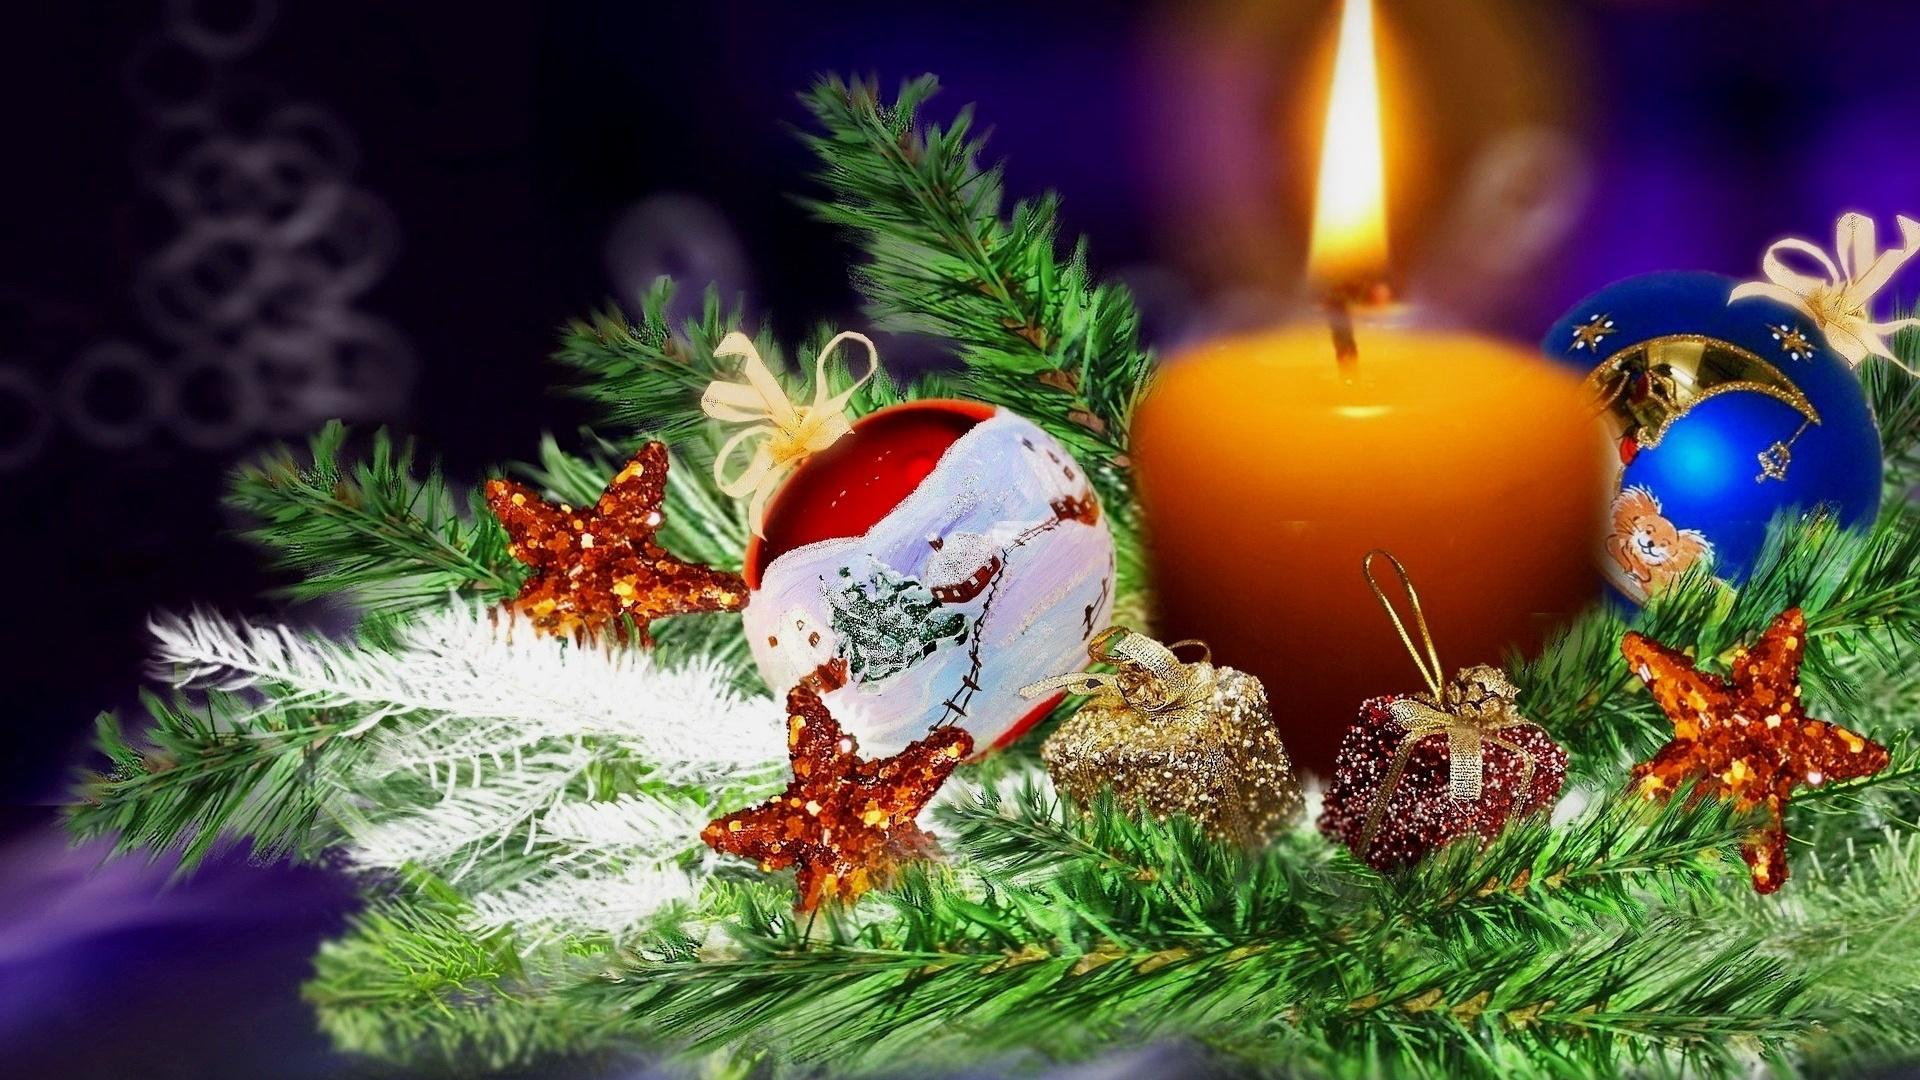 Картинки с новым годом и рождеством христовым, спасибо гостеприимство радушный